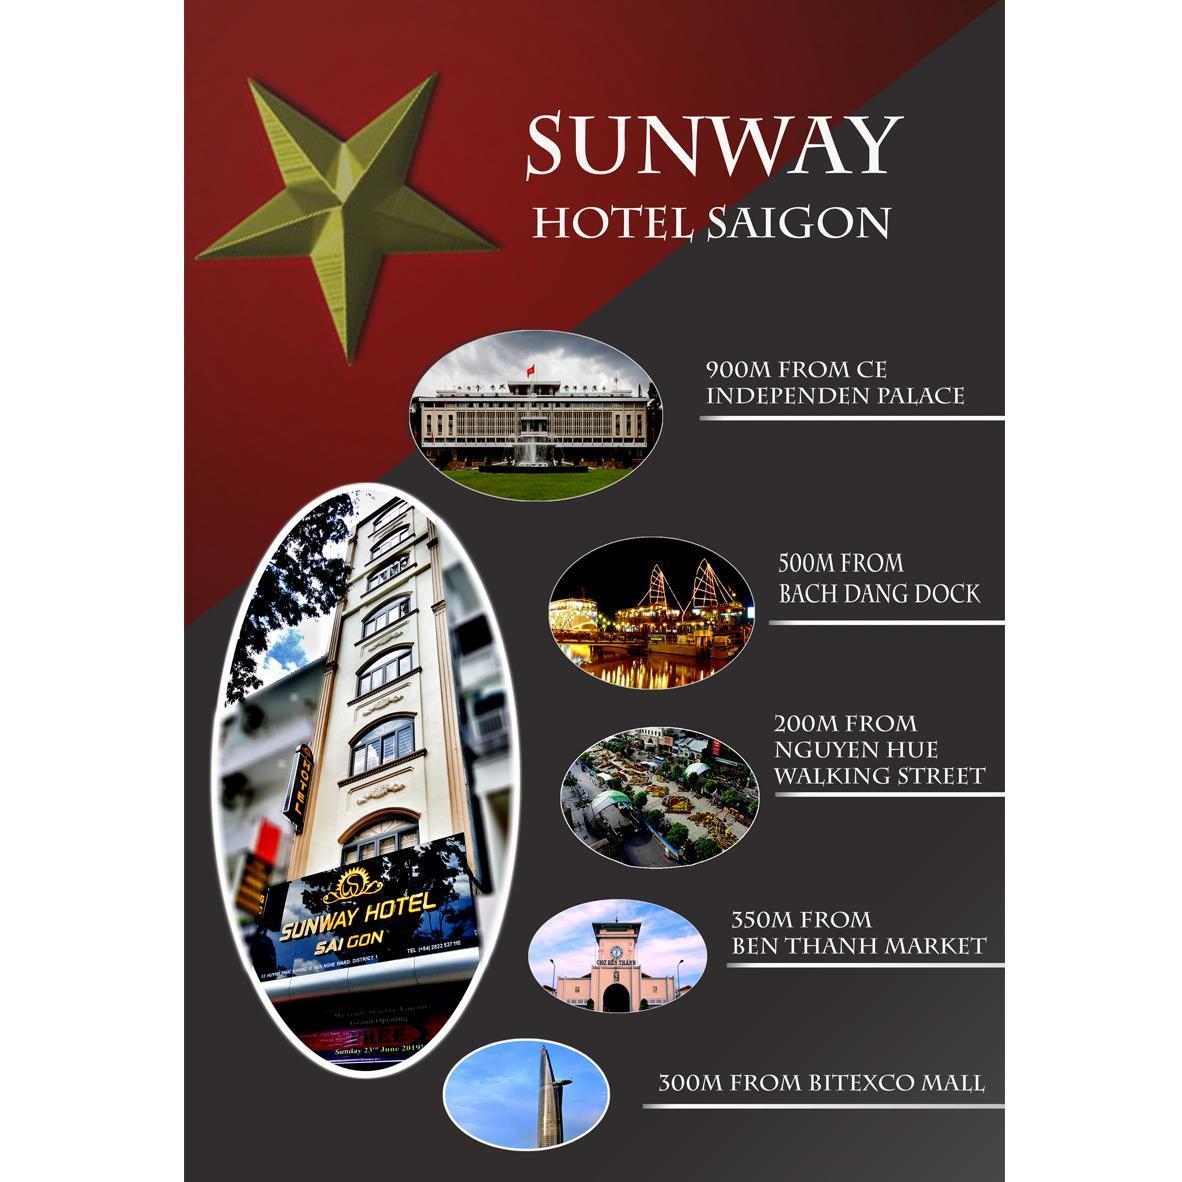 Sunway Hotel Saigon